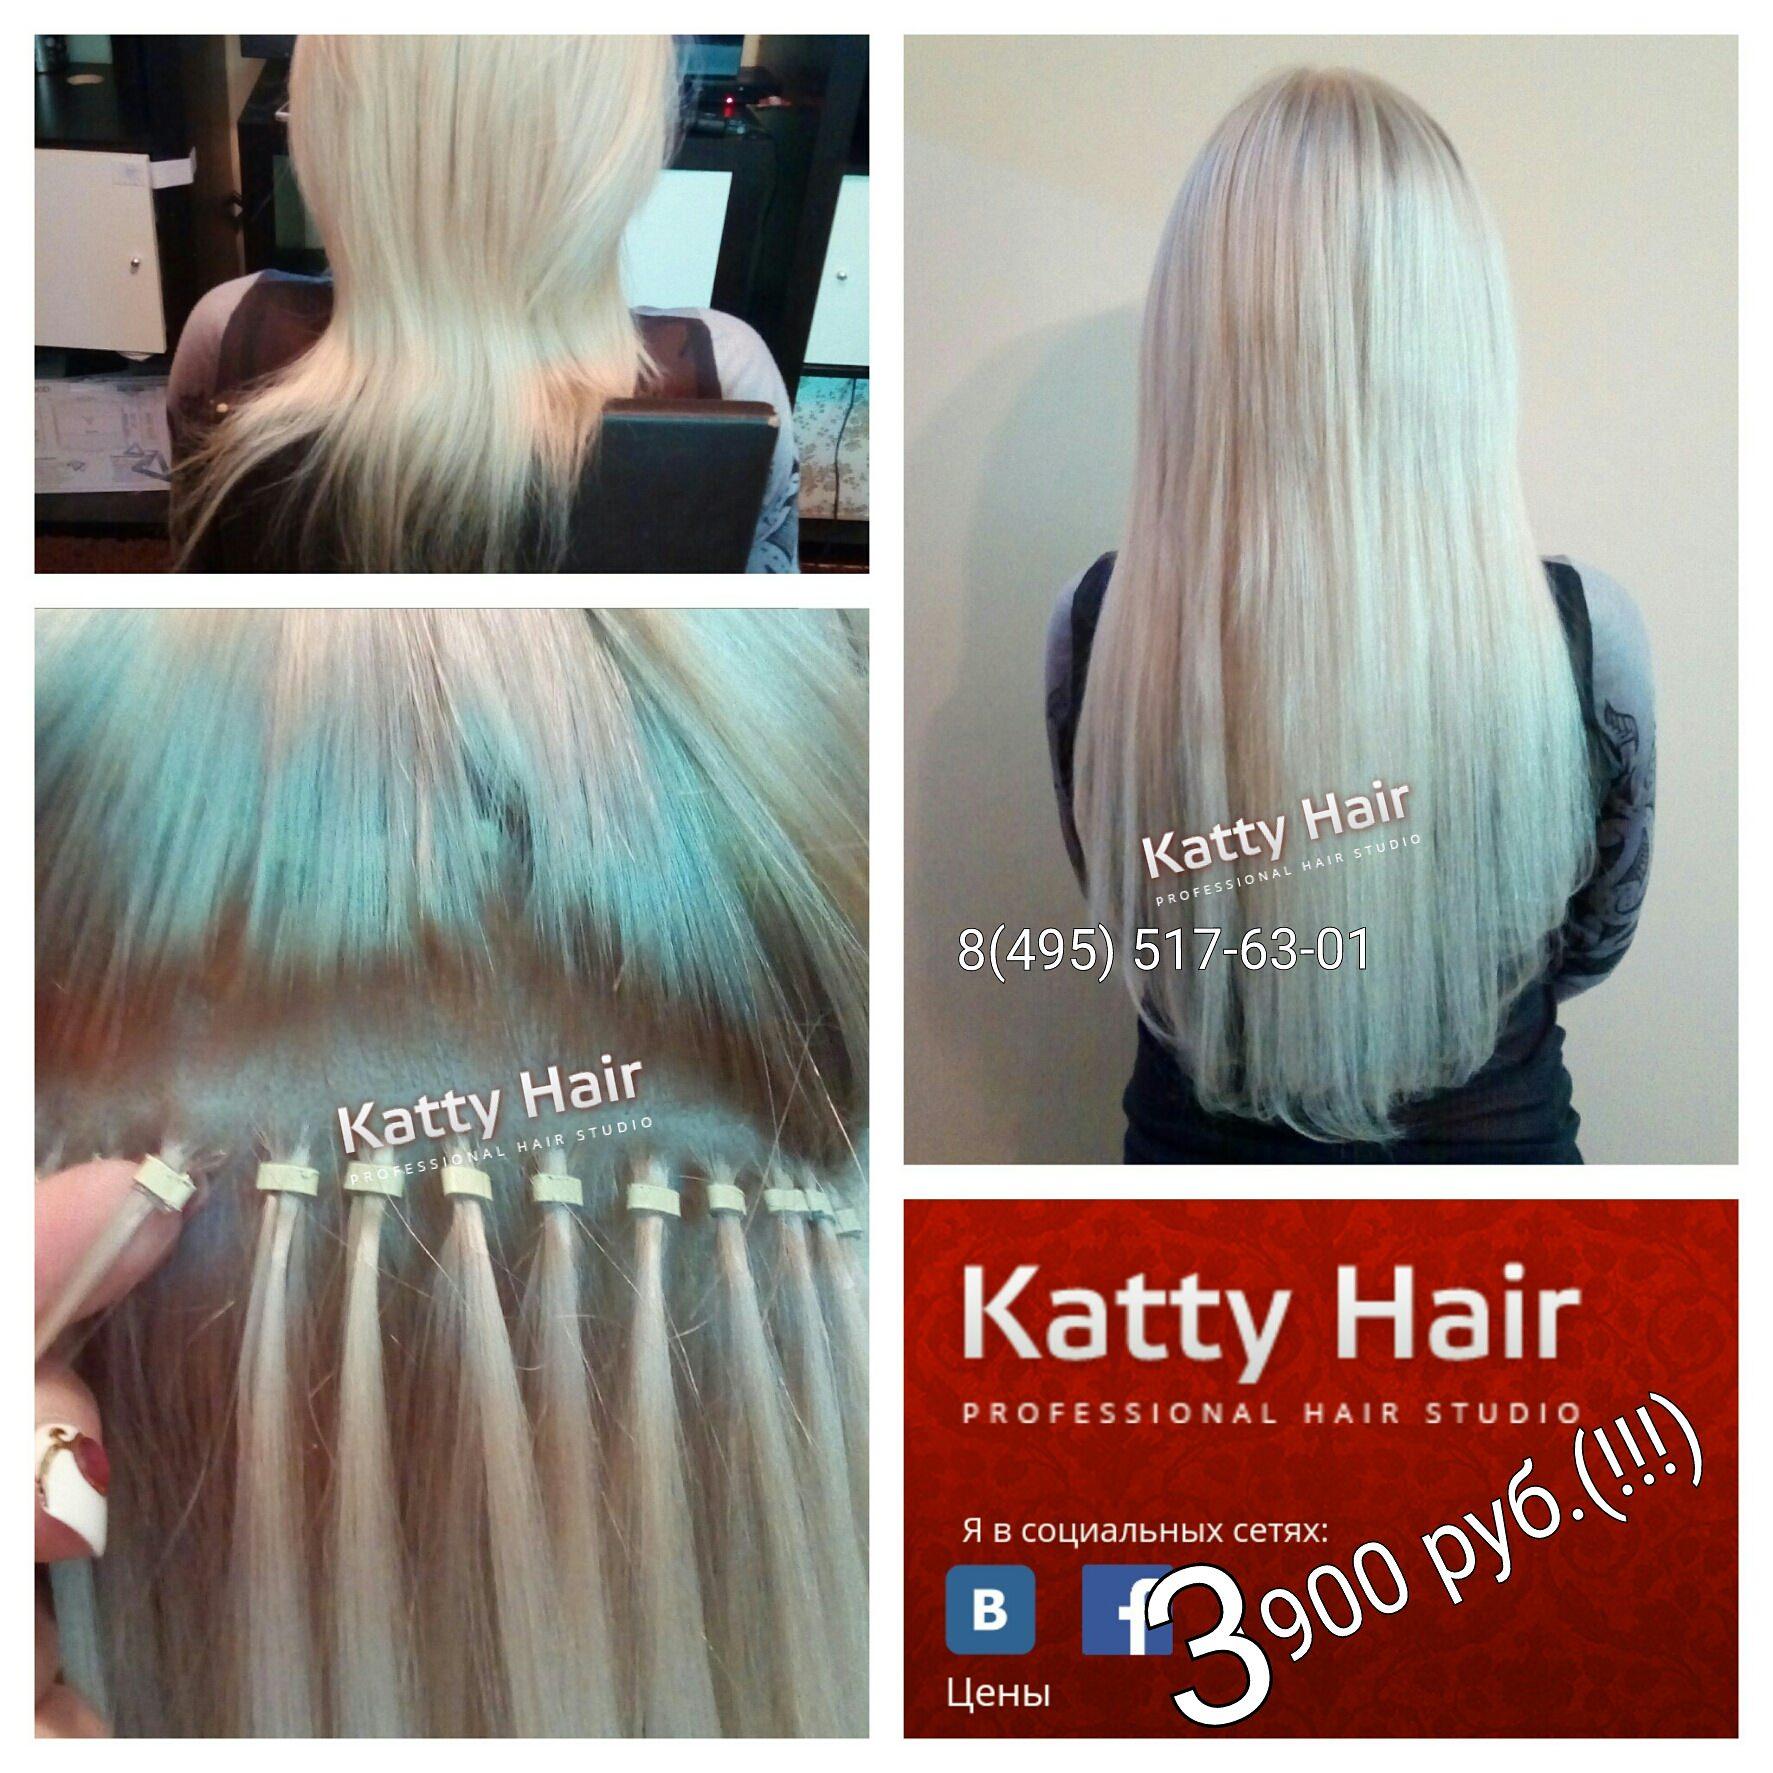 Сколько по времени наращивают волосы